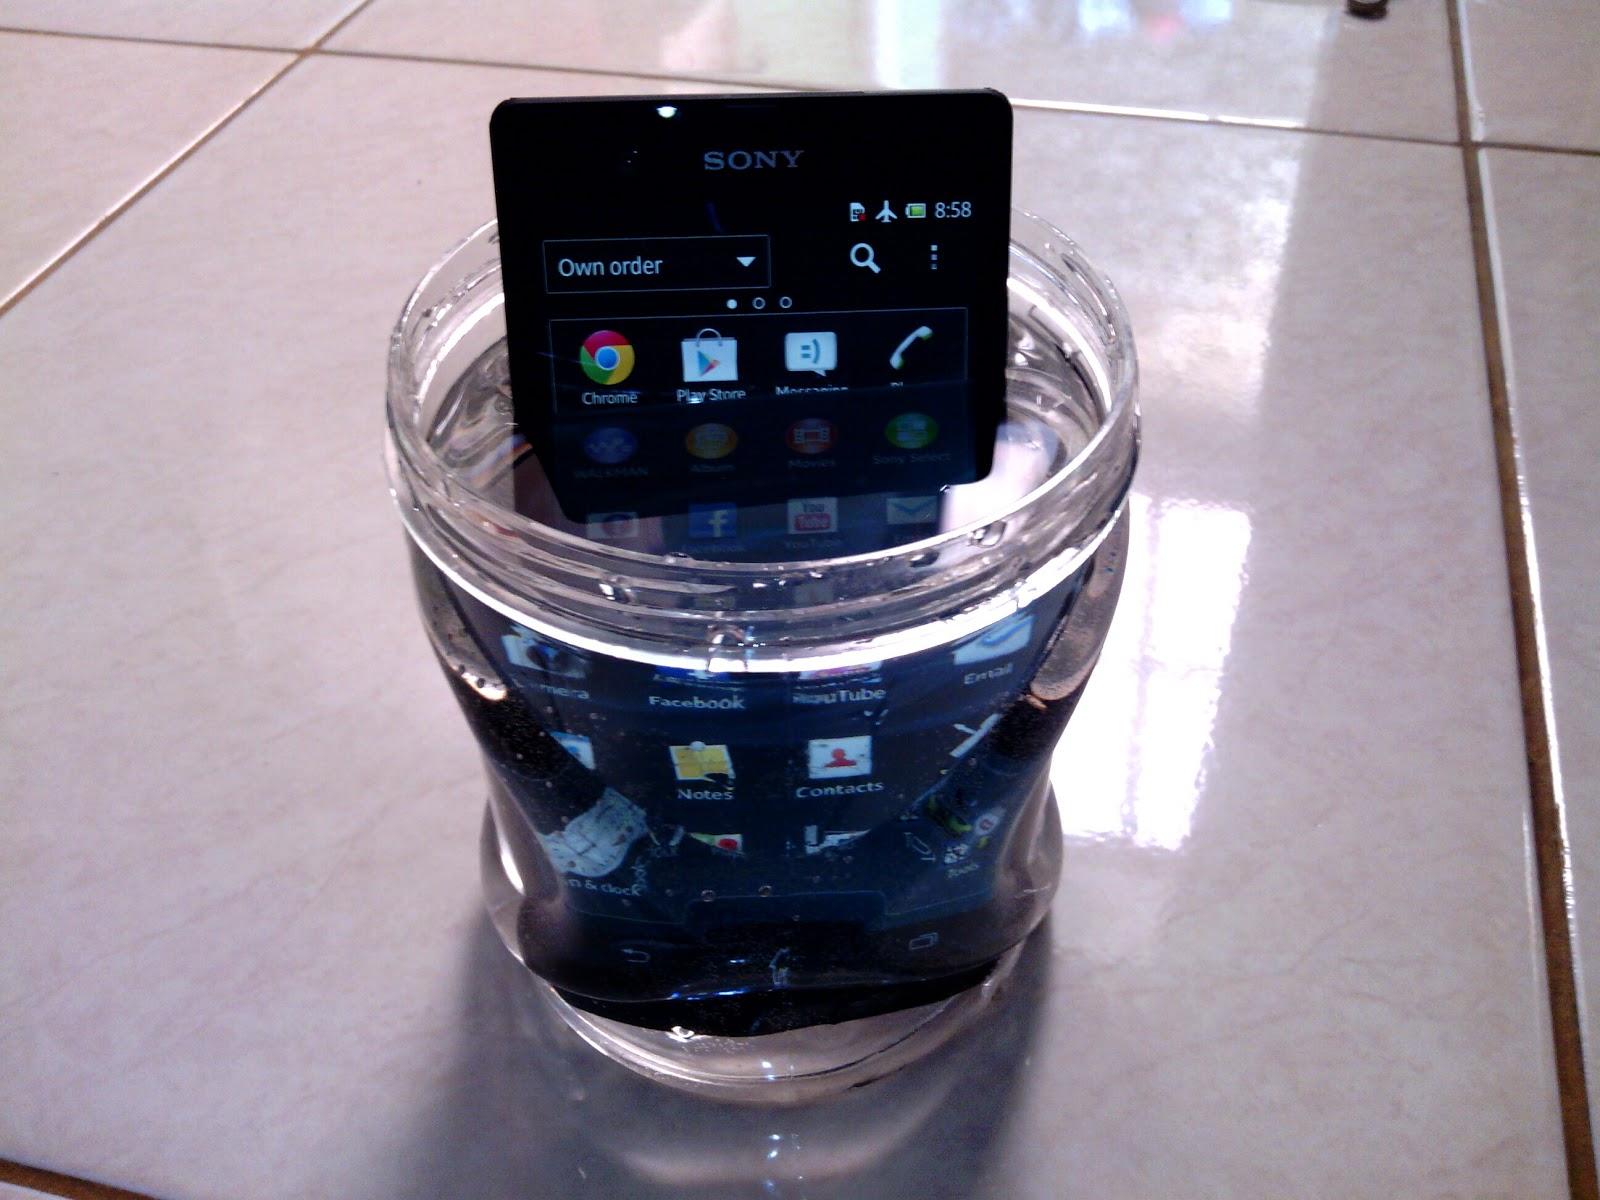 Sampai saat ini ketangguhan anti air dan debu di smartphone Full HD hanya dimiliki oleh Sony Xperia Z Salute